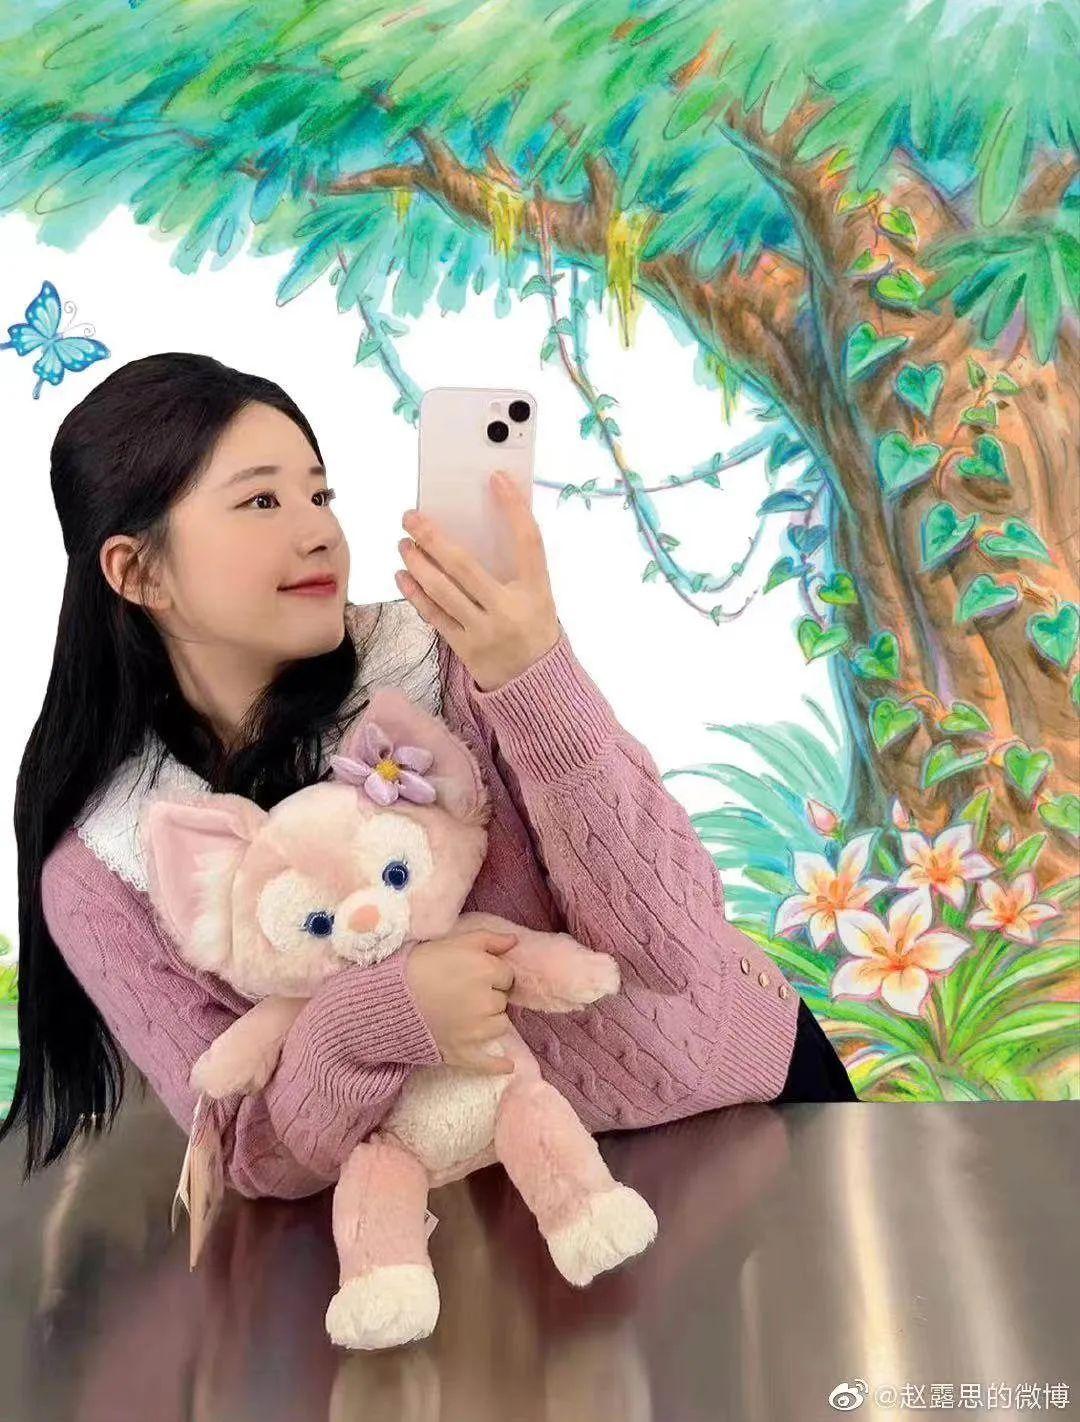 已经拿到玲娜贝儿的女明星 赵露丝微博